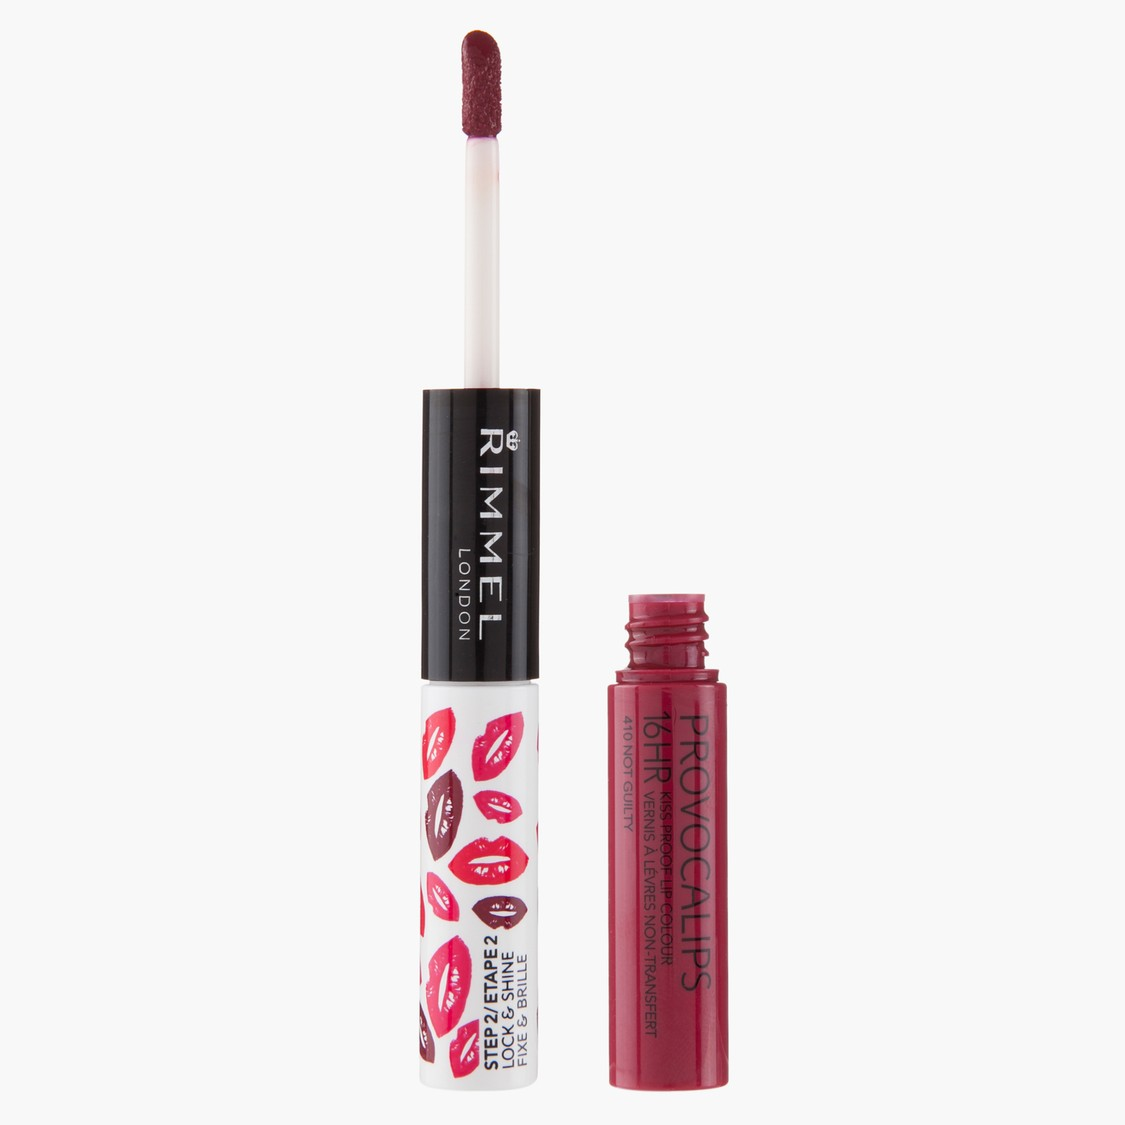 Rimmel Provocalips 16Hr Kiss Proof Lip Colour